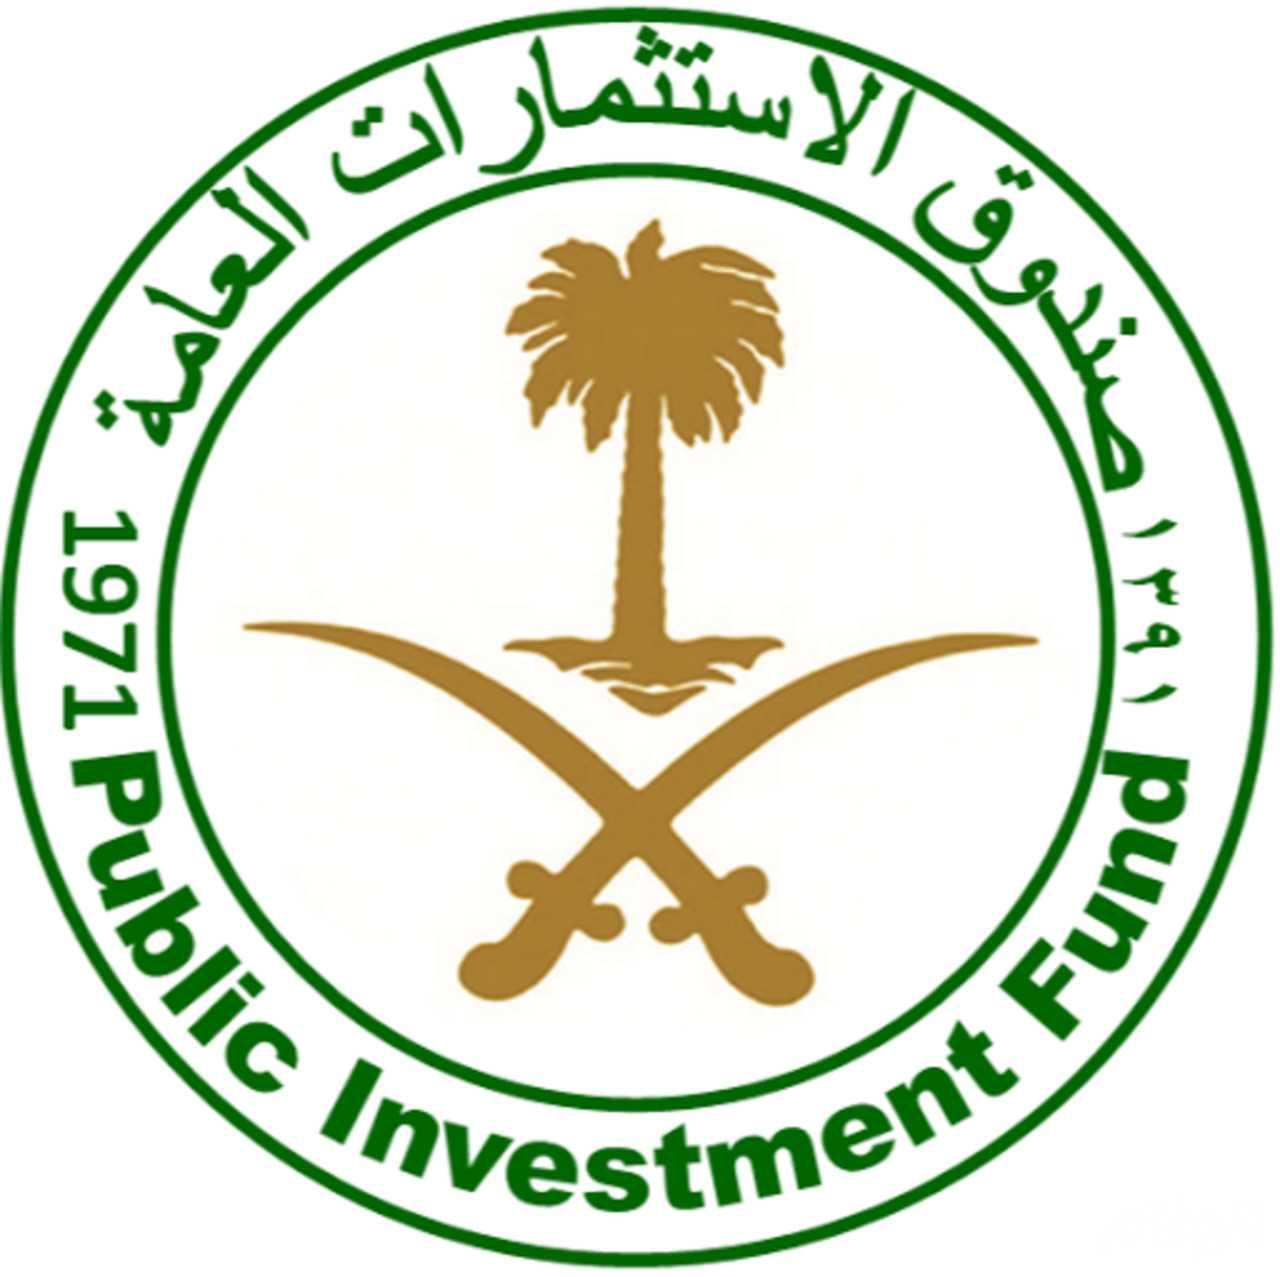 شعار صندوق الاستثمارات العامة - استثمار - فرص استثمارية